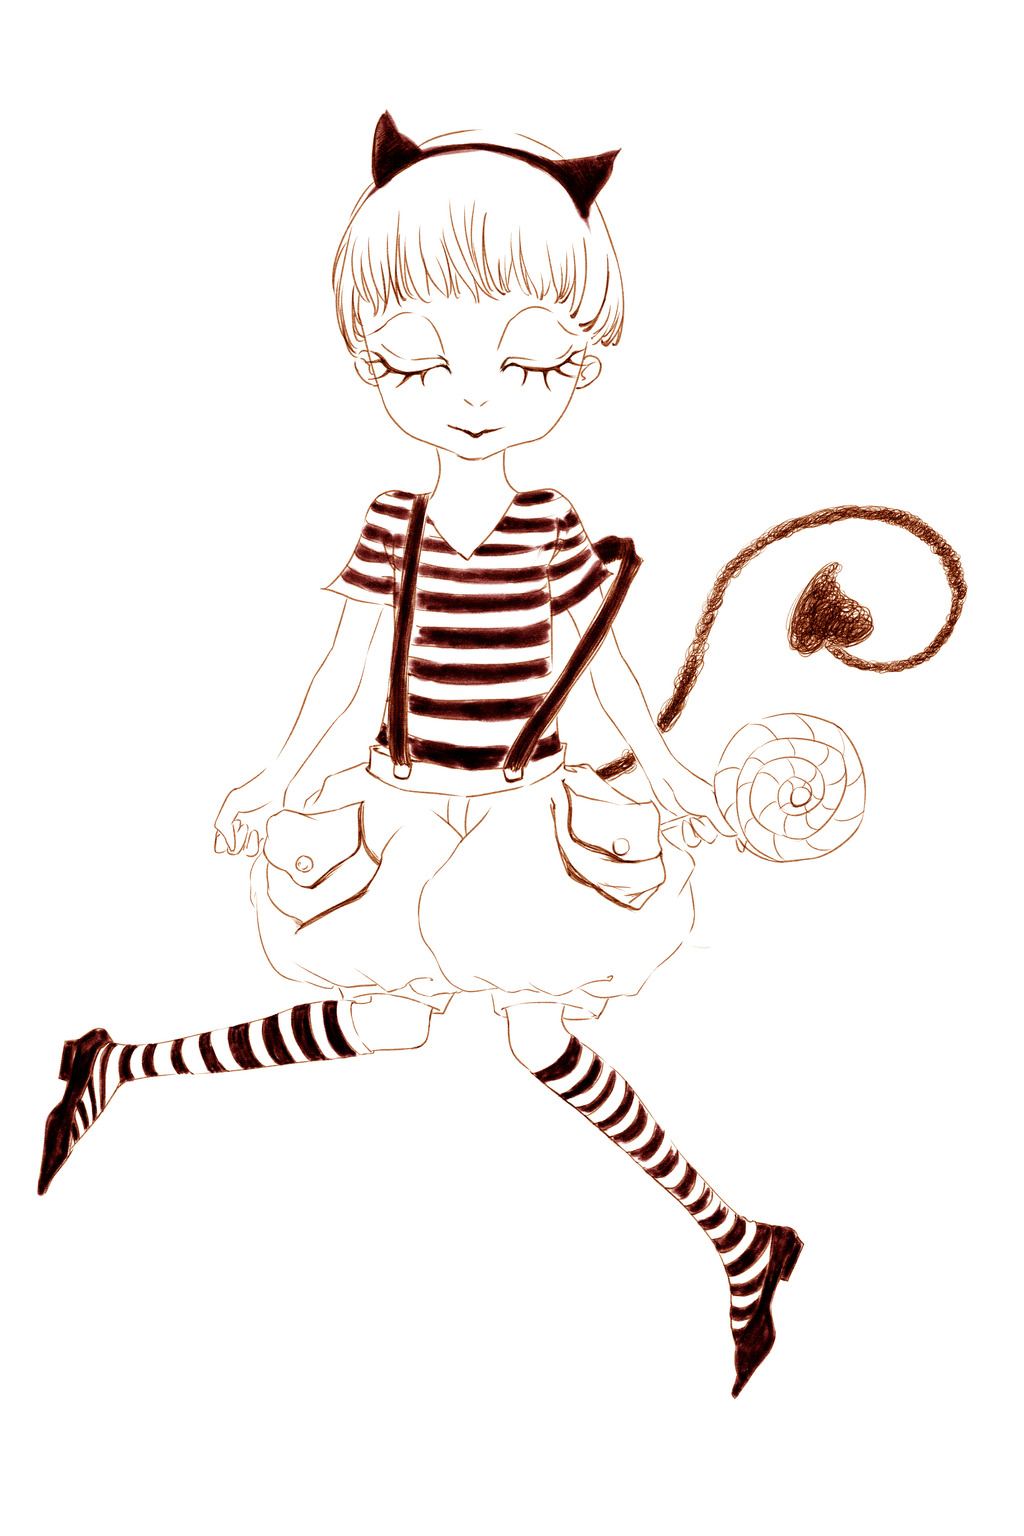 psd多图层万圣节卡通人物形象黑白小恶魔